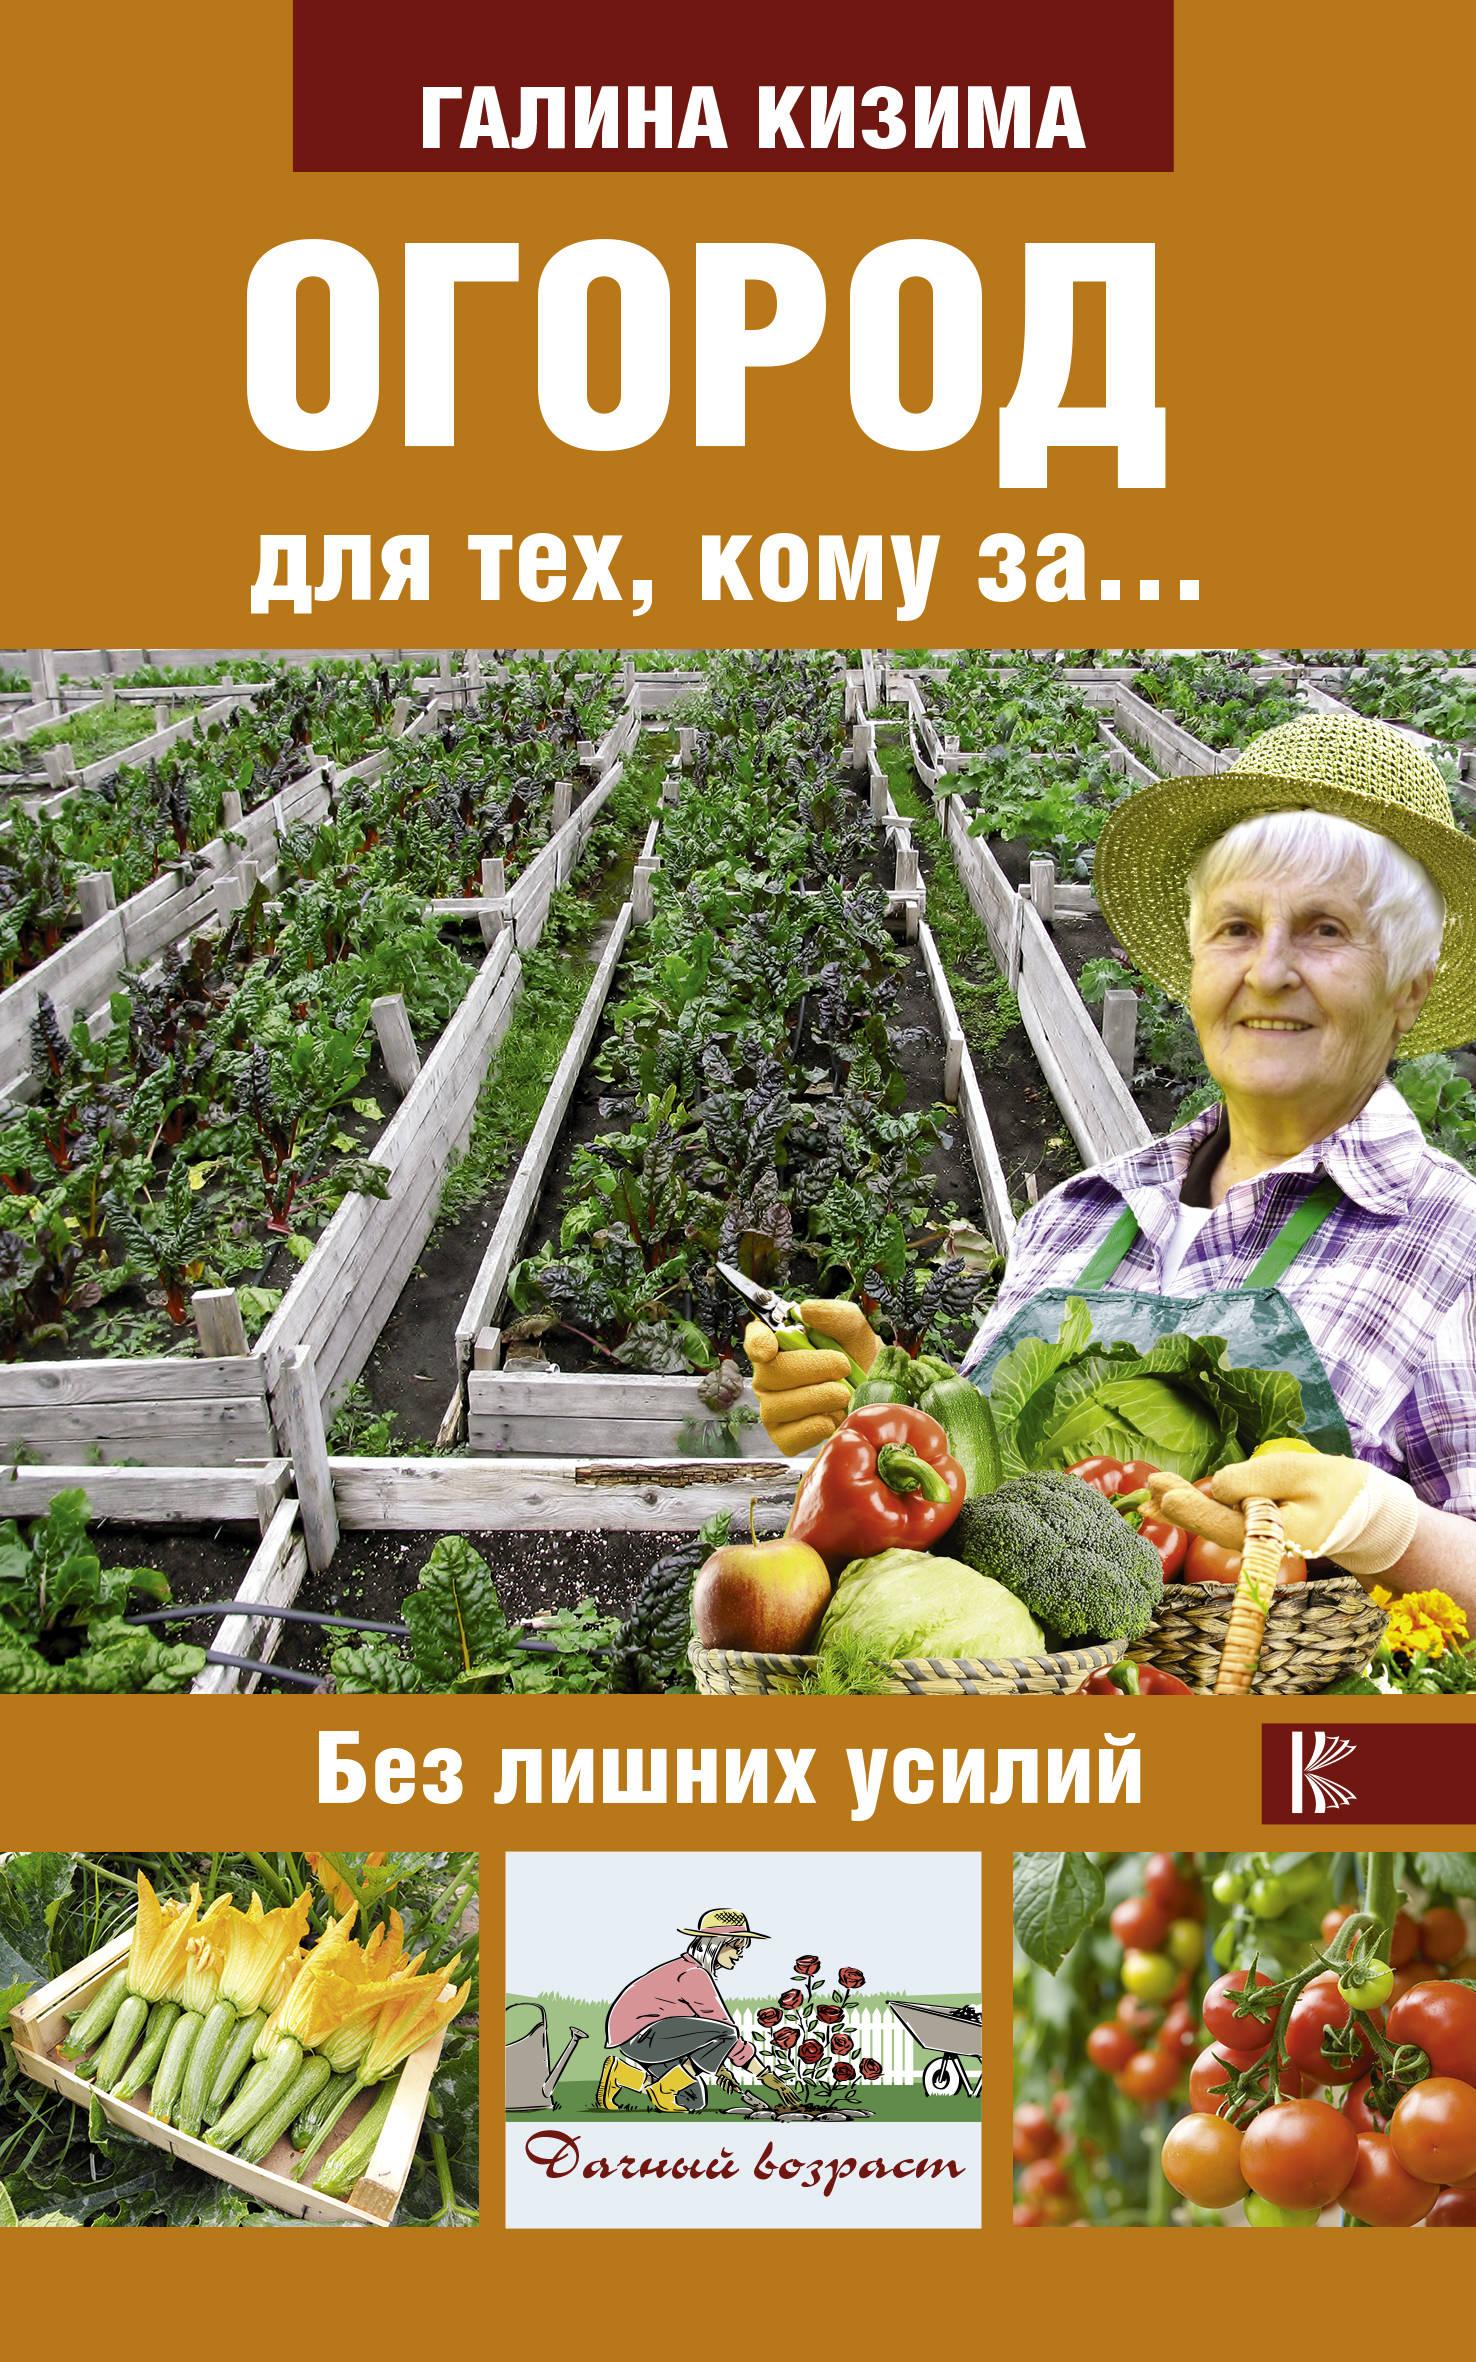 Огород для тех, кому за... без лишних усилий